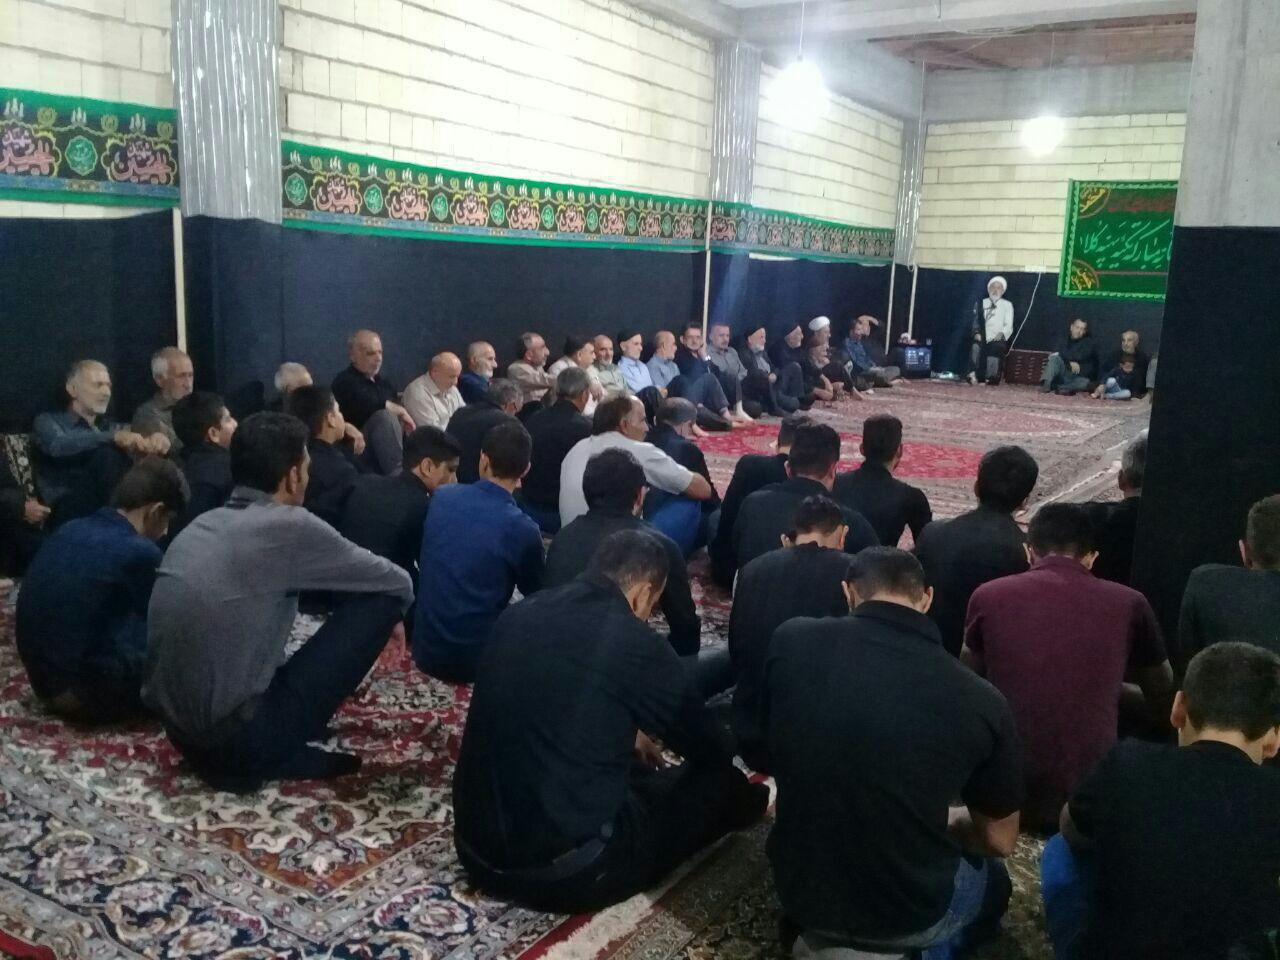 مراسم افتتاح تکیۀ ببخیل دارابکلا. غروب هفتم محرّم (5 مهر 1396) عکاس: رنگین کمان